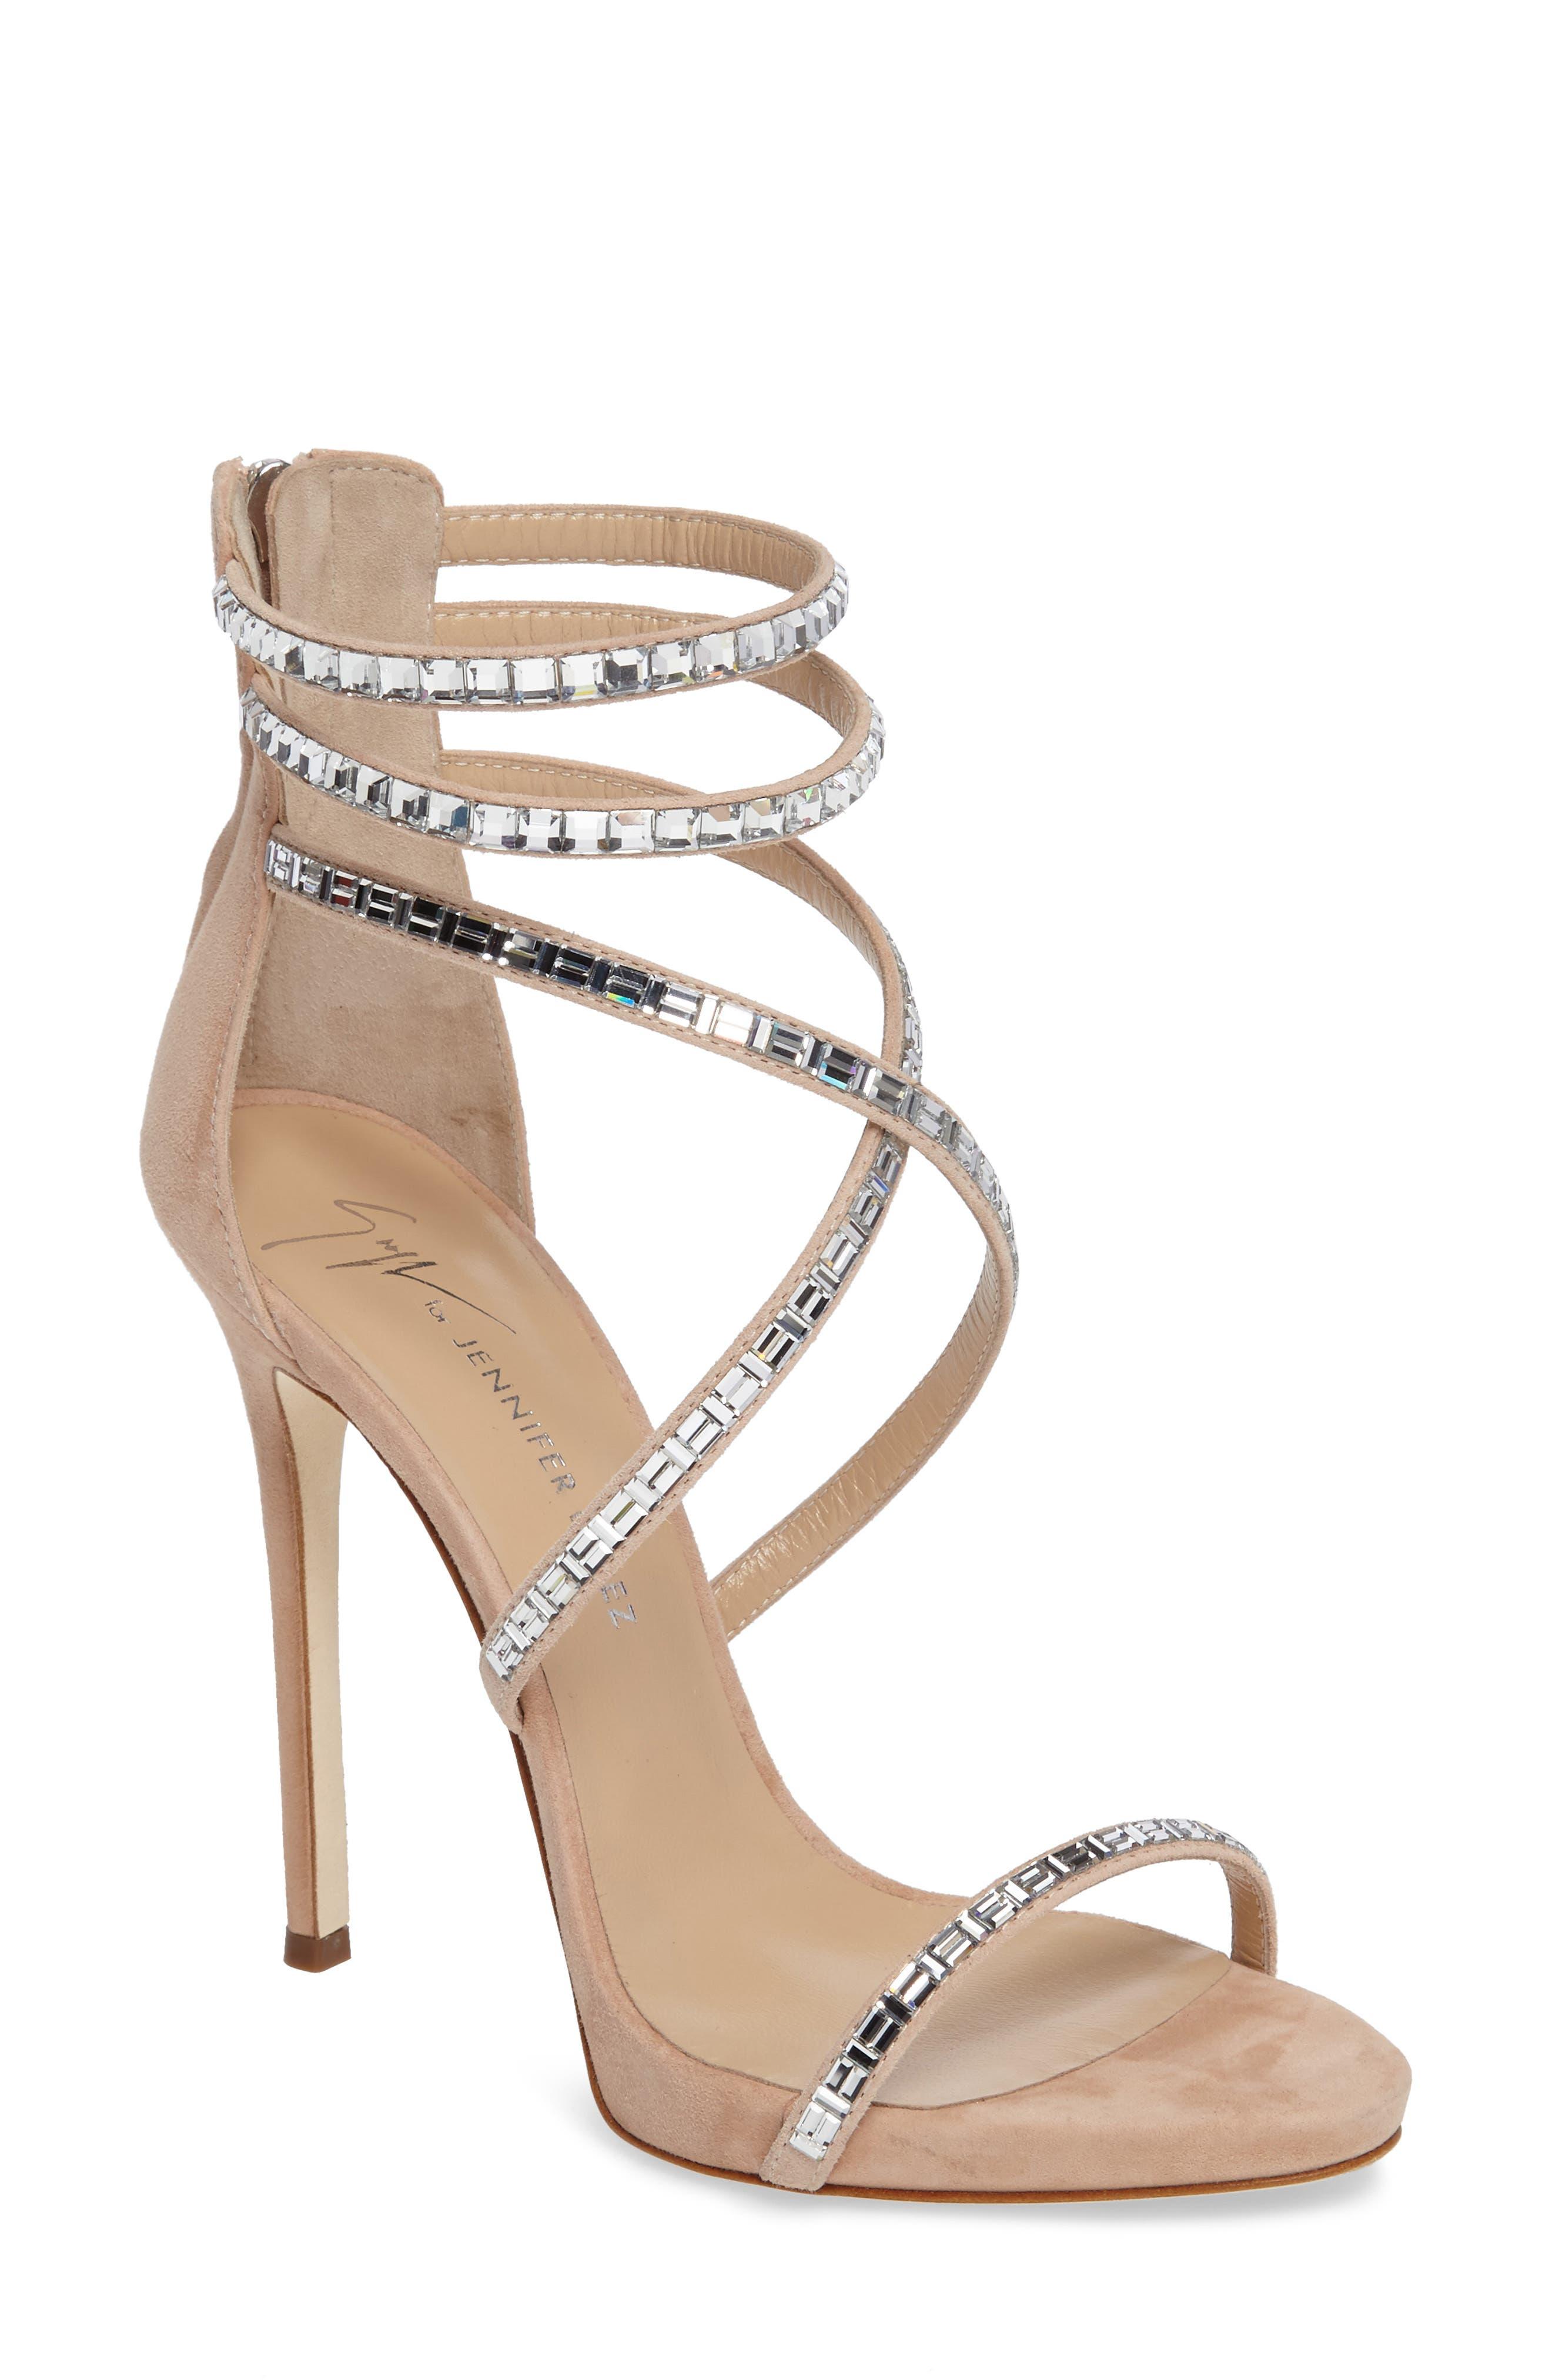 Alternate Image 1 Selected - Giuseppe for Jennifer Lopez Strappy Sandal (Women)